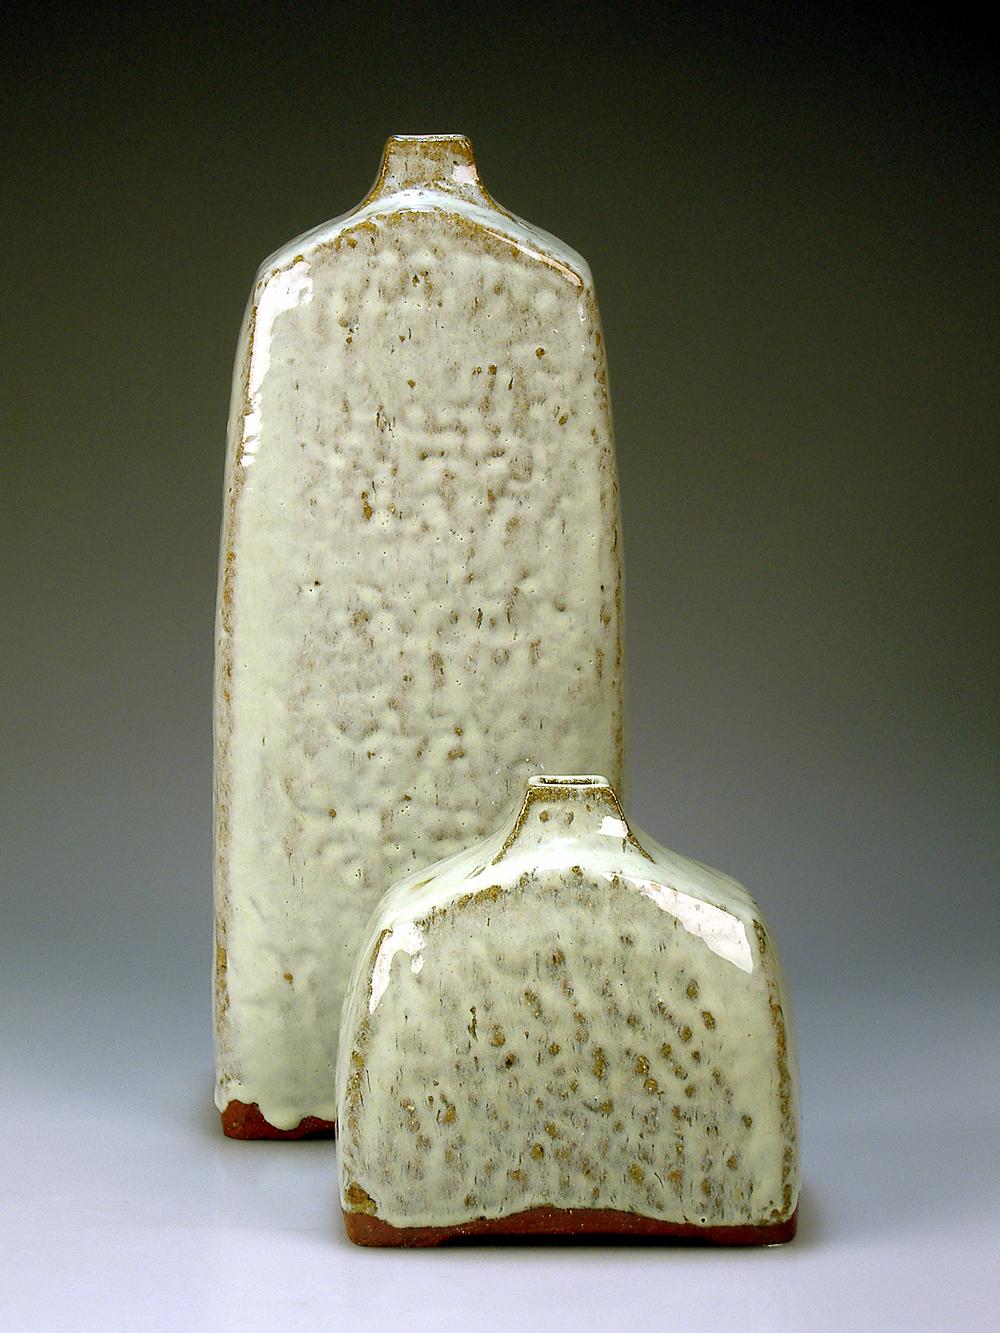 Two Hand-built Bottles